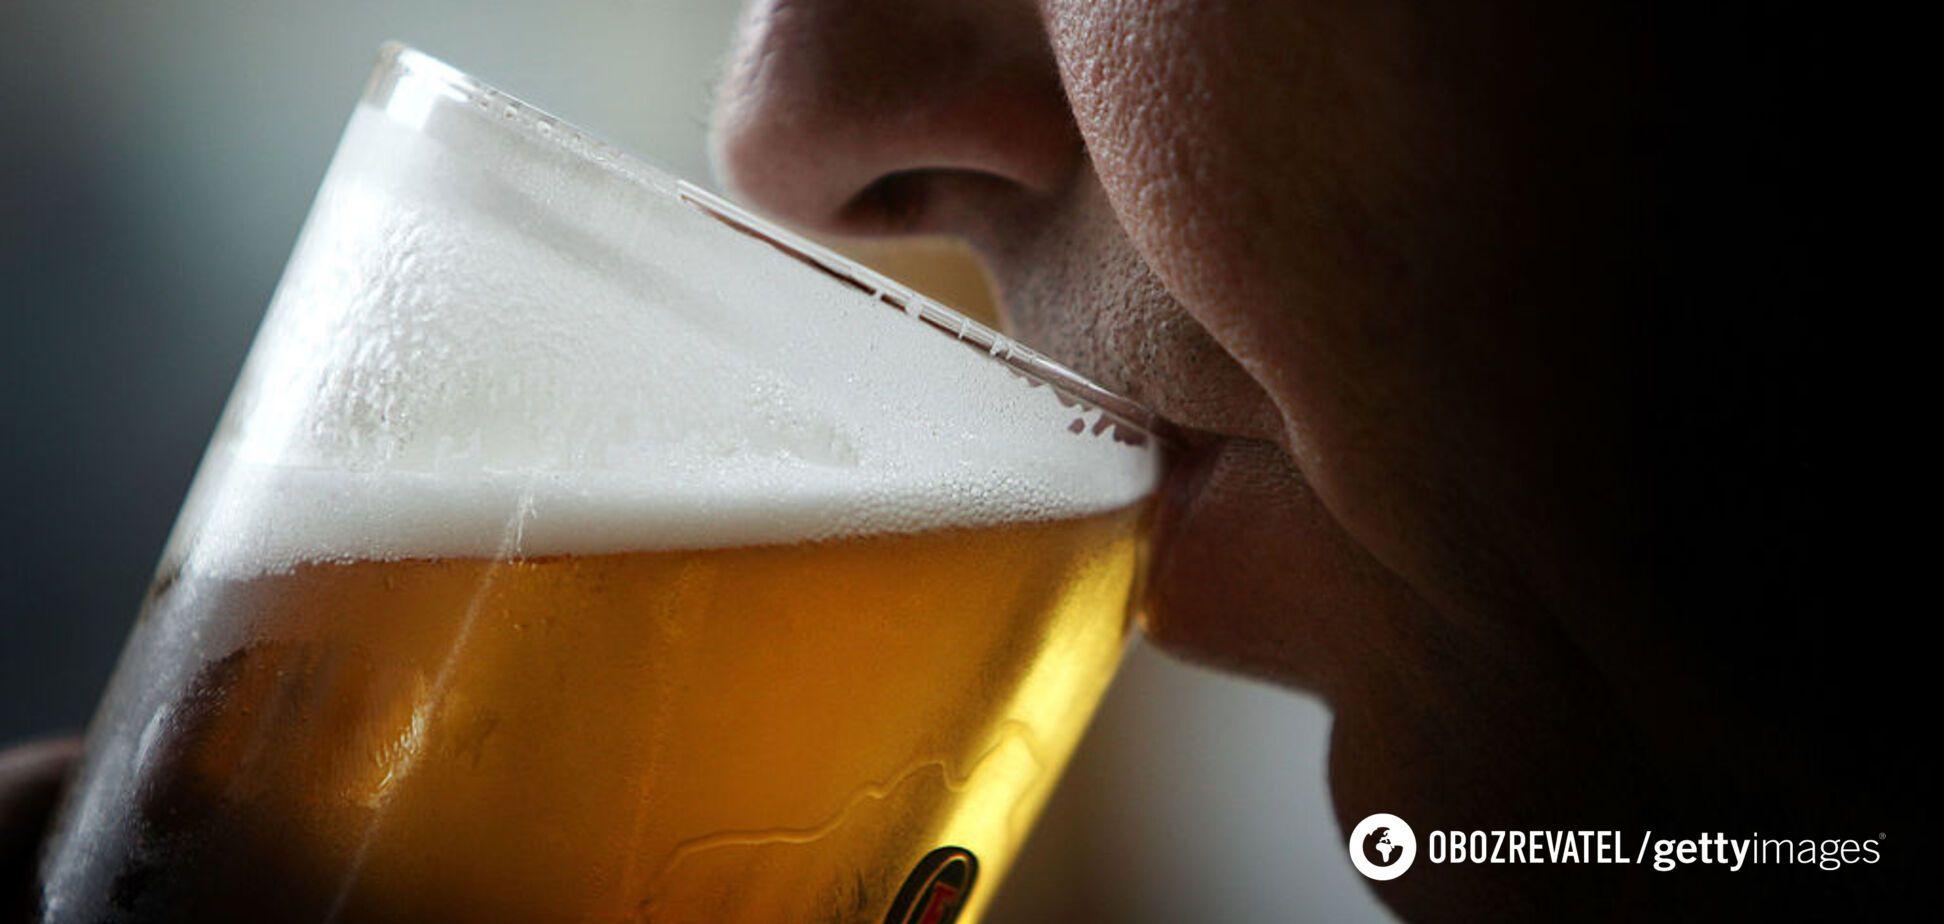 Жінка почала мочитися пивом через хворобу і збентежила лікарів